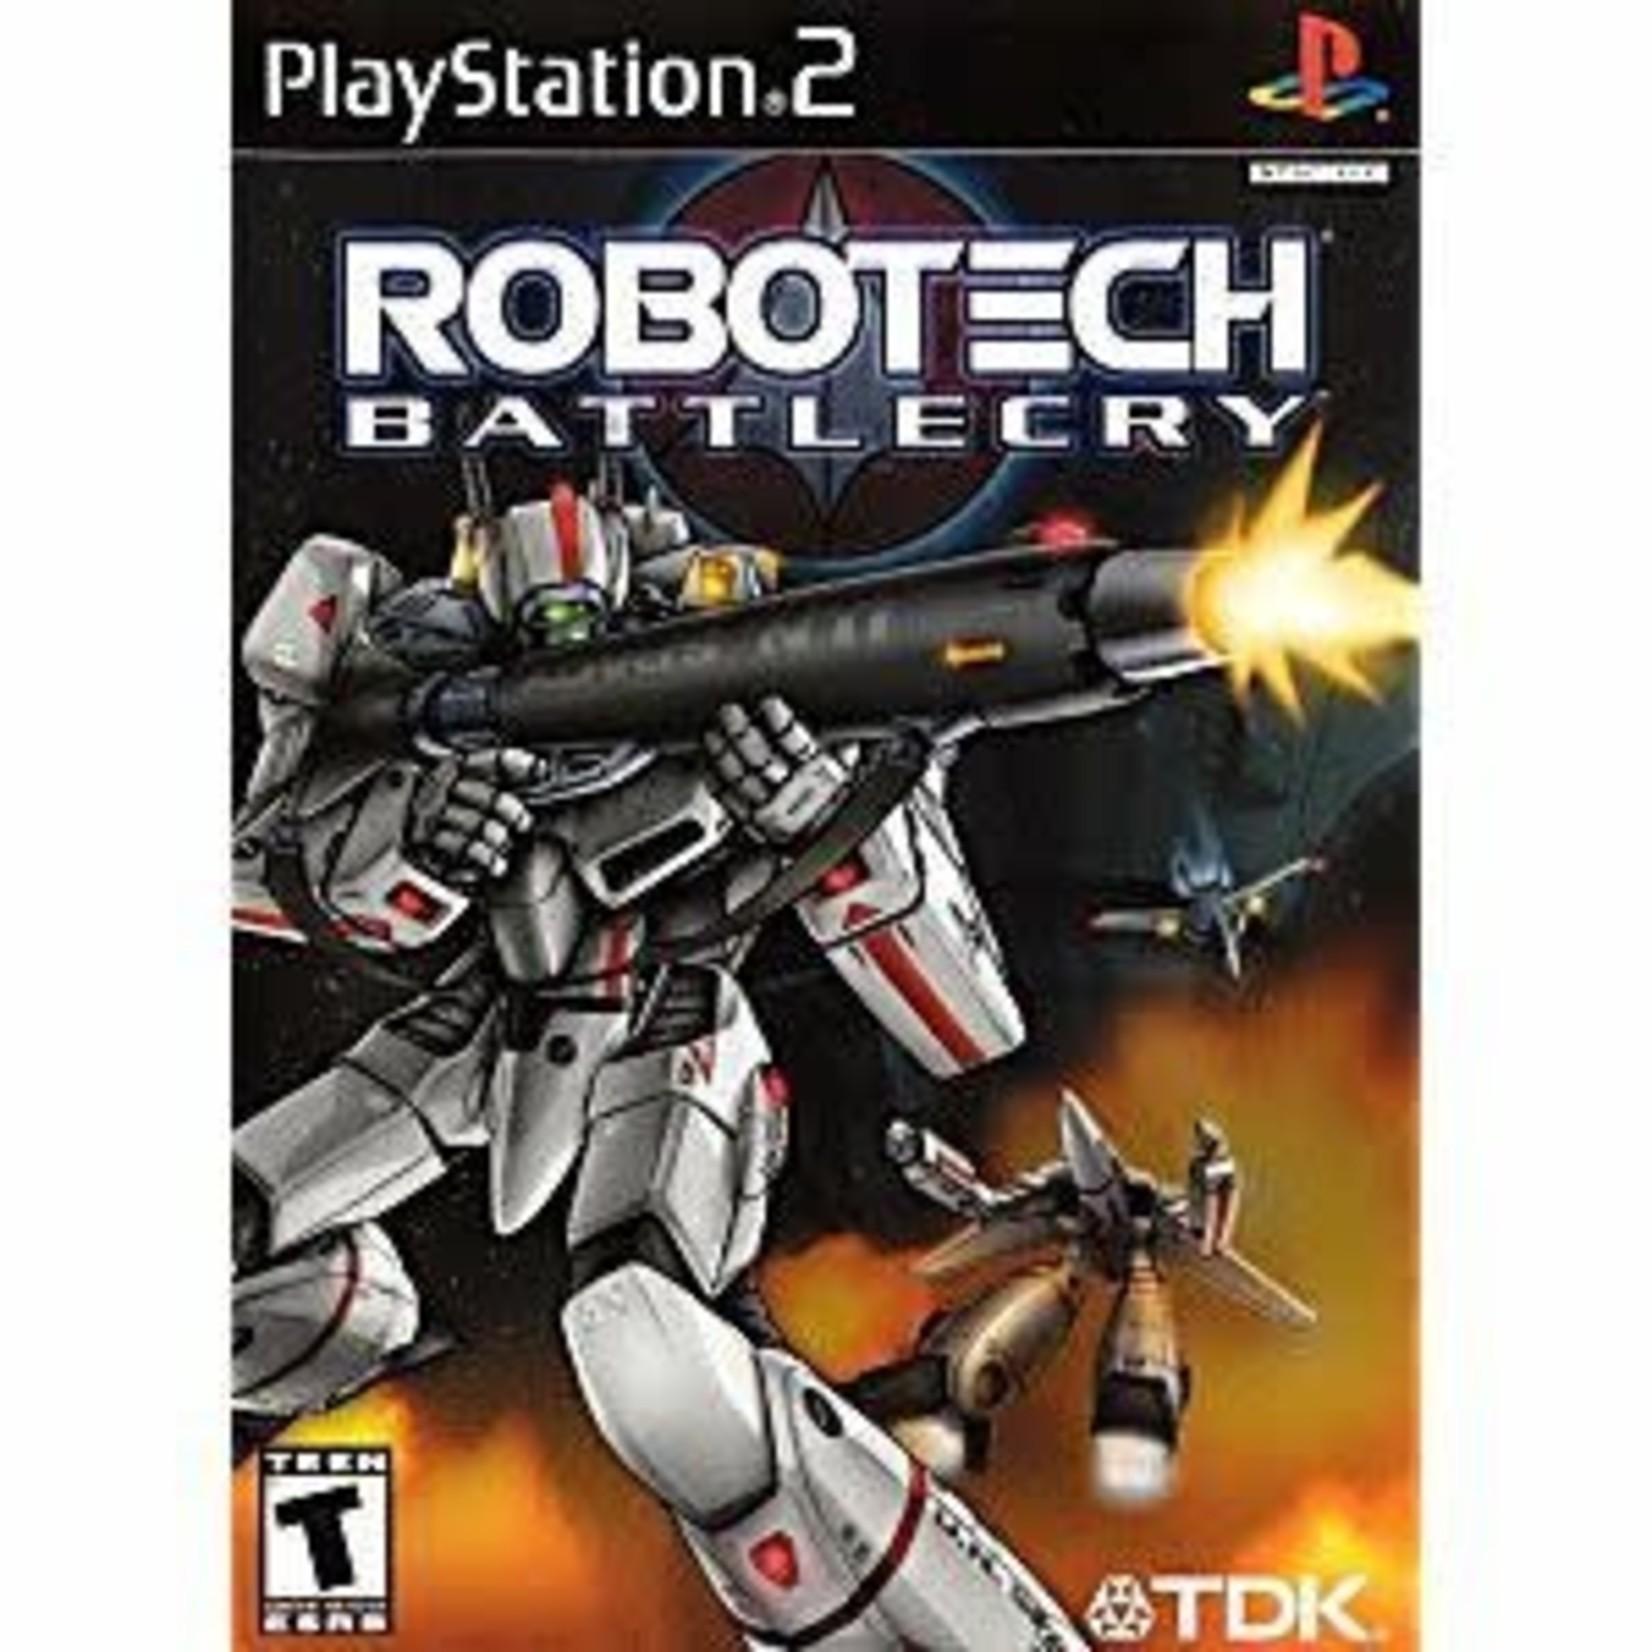 PS2U-ROBOTECH BATTLECRY